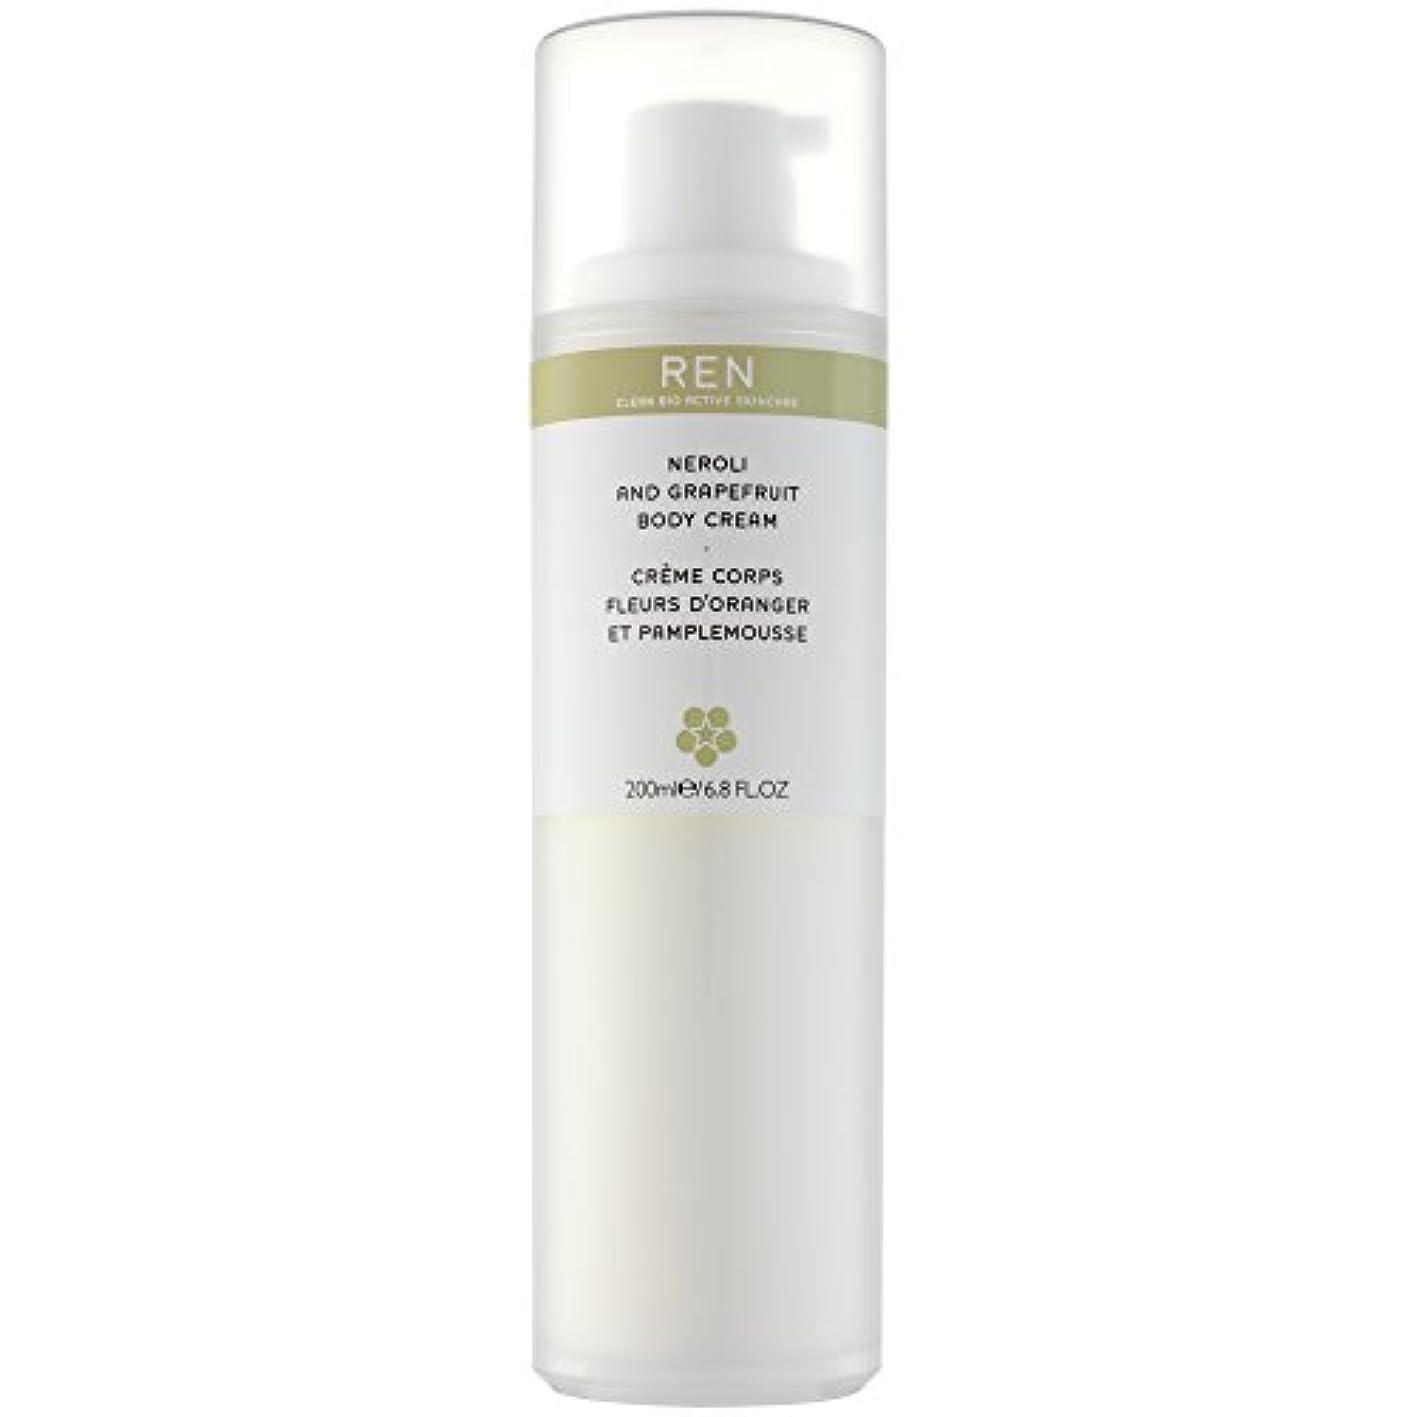 憧れ落胆させるひどくRenネロリとグレープフルーツボディクリーム200ミリリットル (REN) (x2) - REN Neroli and Grapefruit Body Cream 200ml (Pack of 2) [並行輸入品]